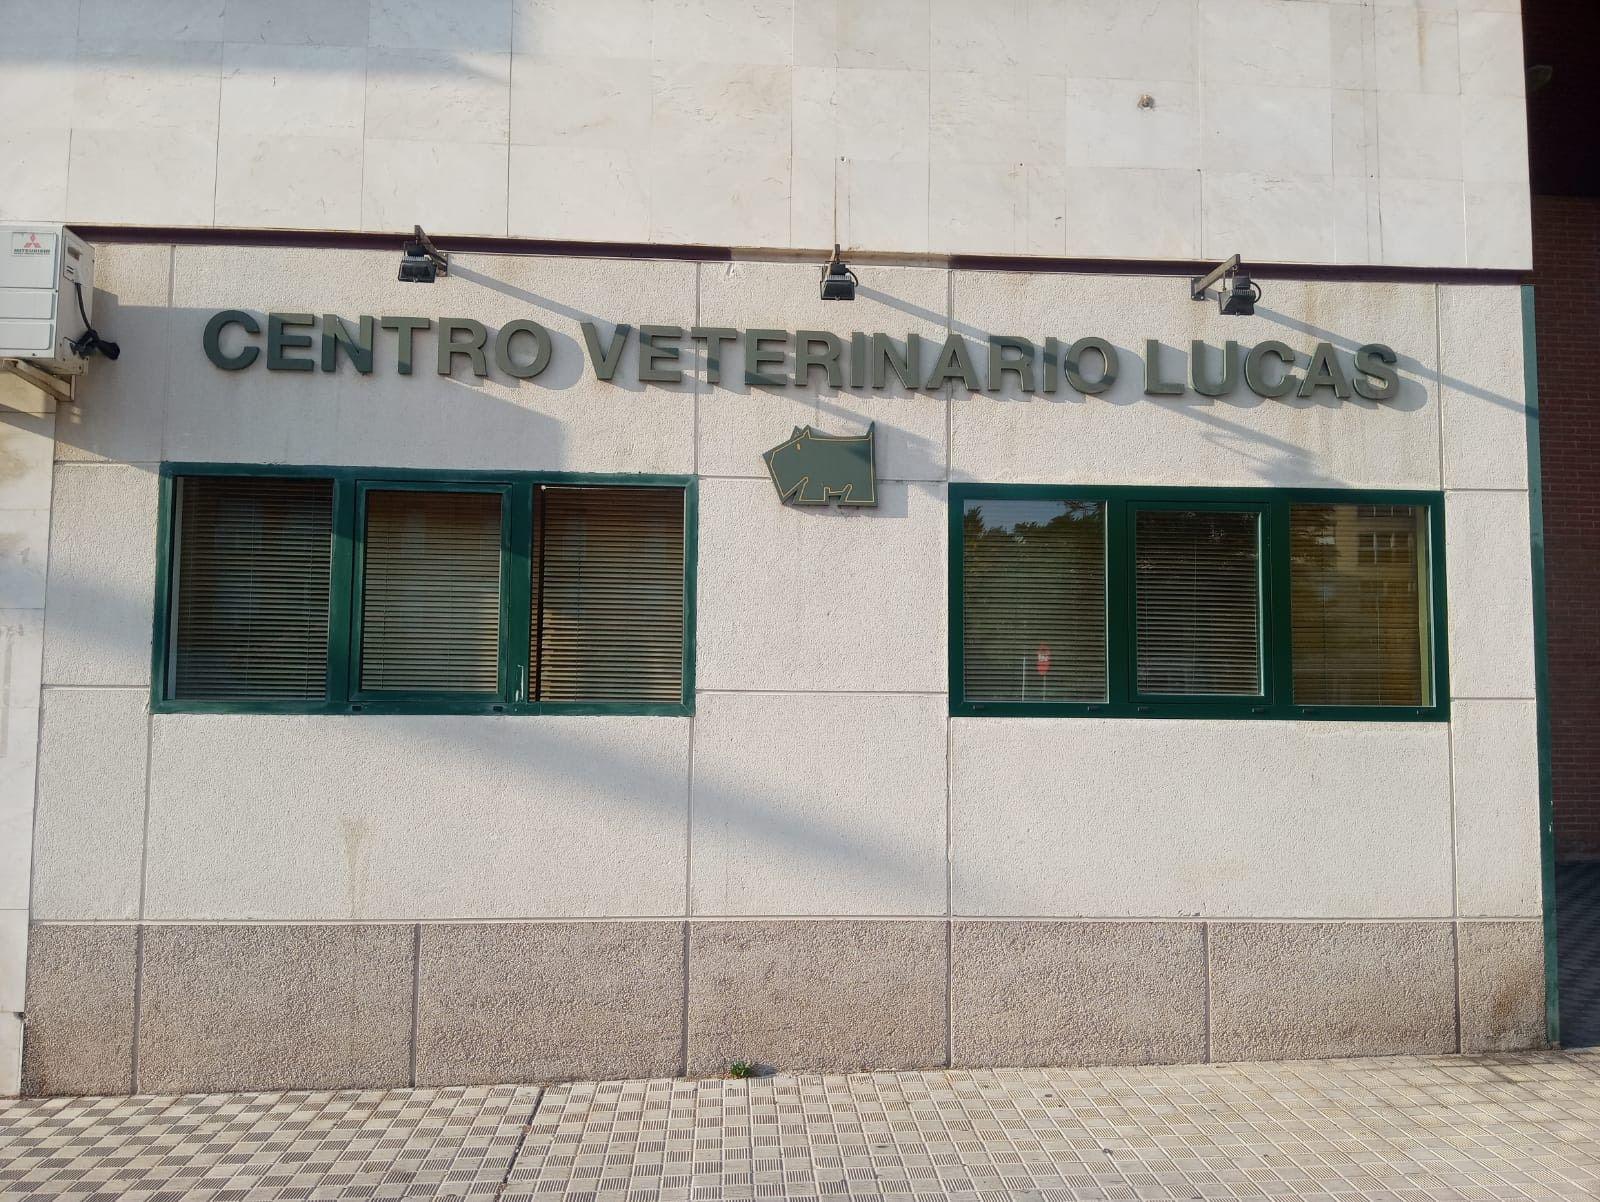 Centro Veterinario Lucas